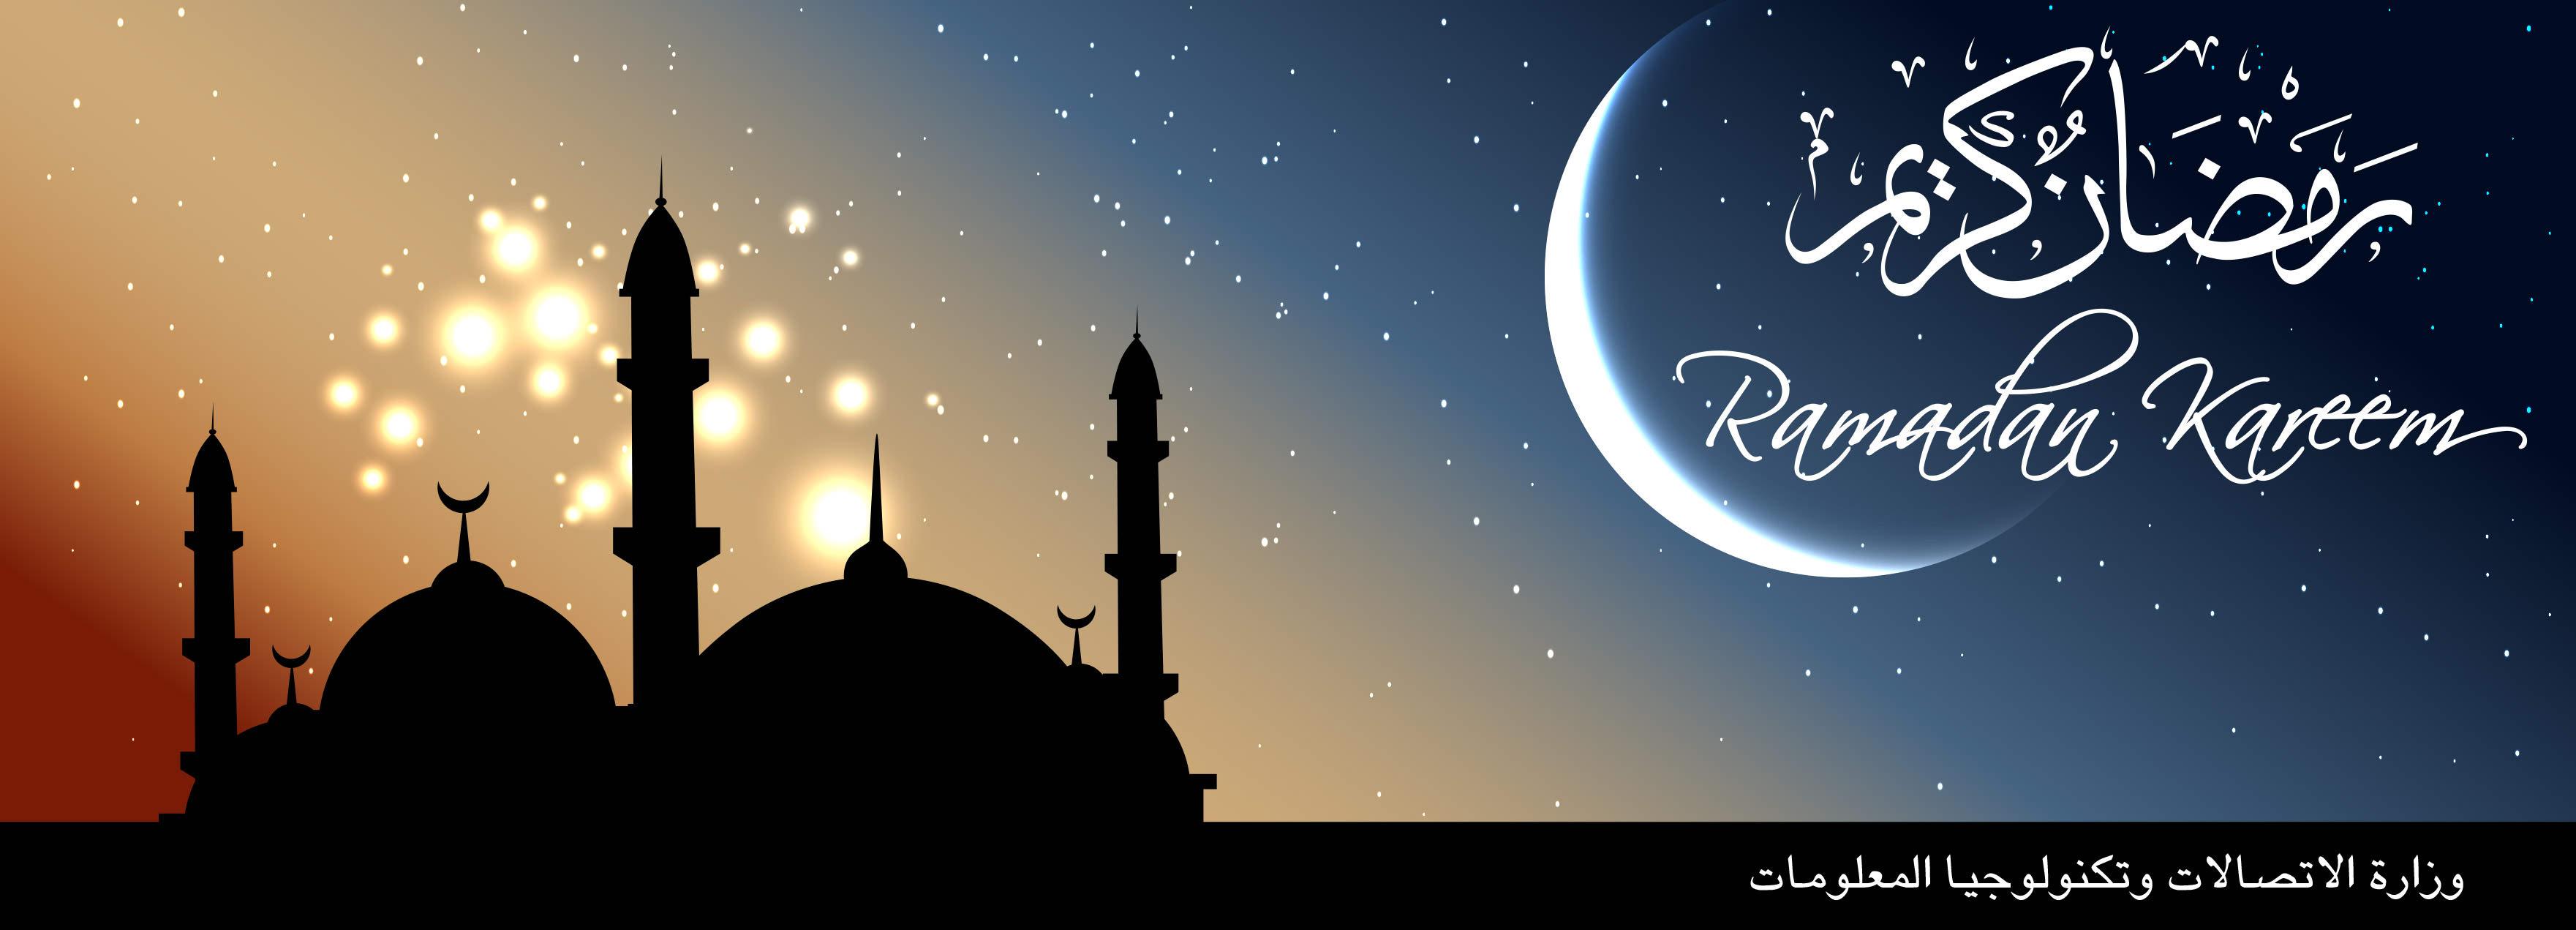 Amazing Ramadan Kareem